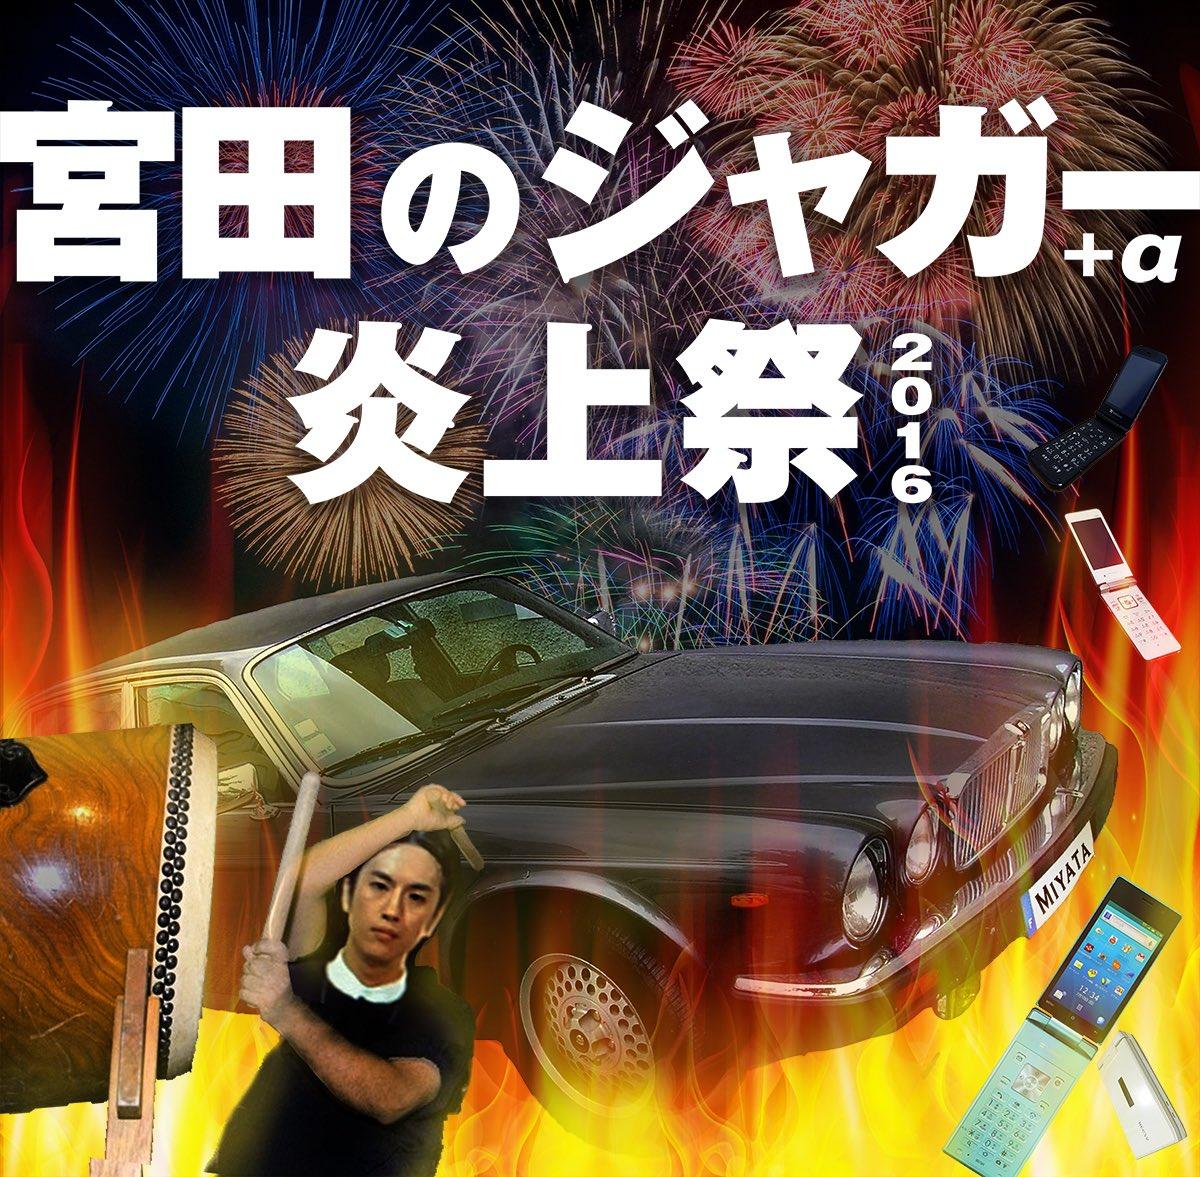 宮田 の ジャガー 炎上 祭 宮田のジャガー炎上祭の元ネタは?8月4日7時3分に開催される理由